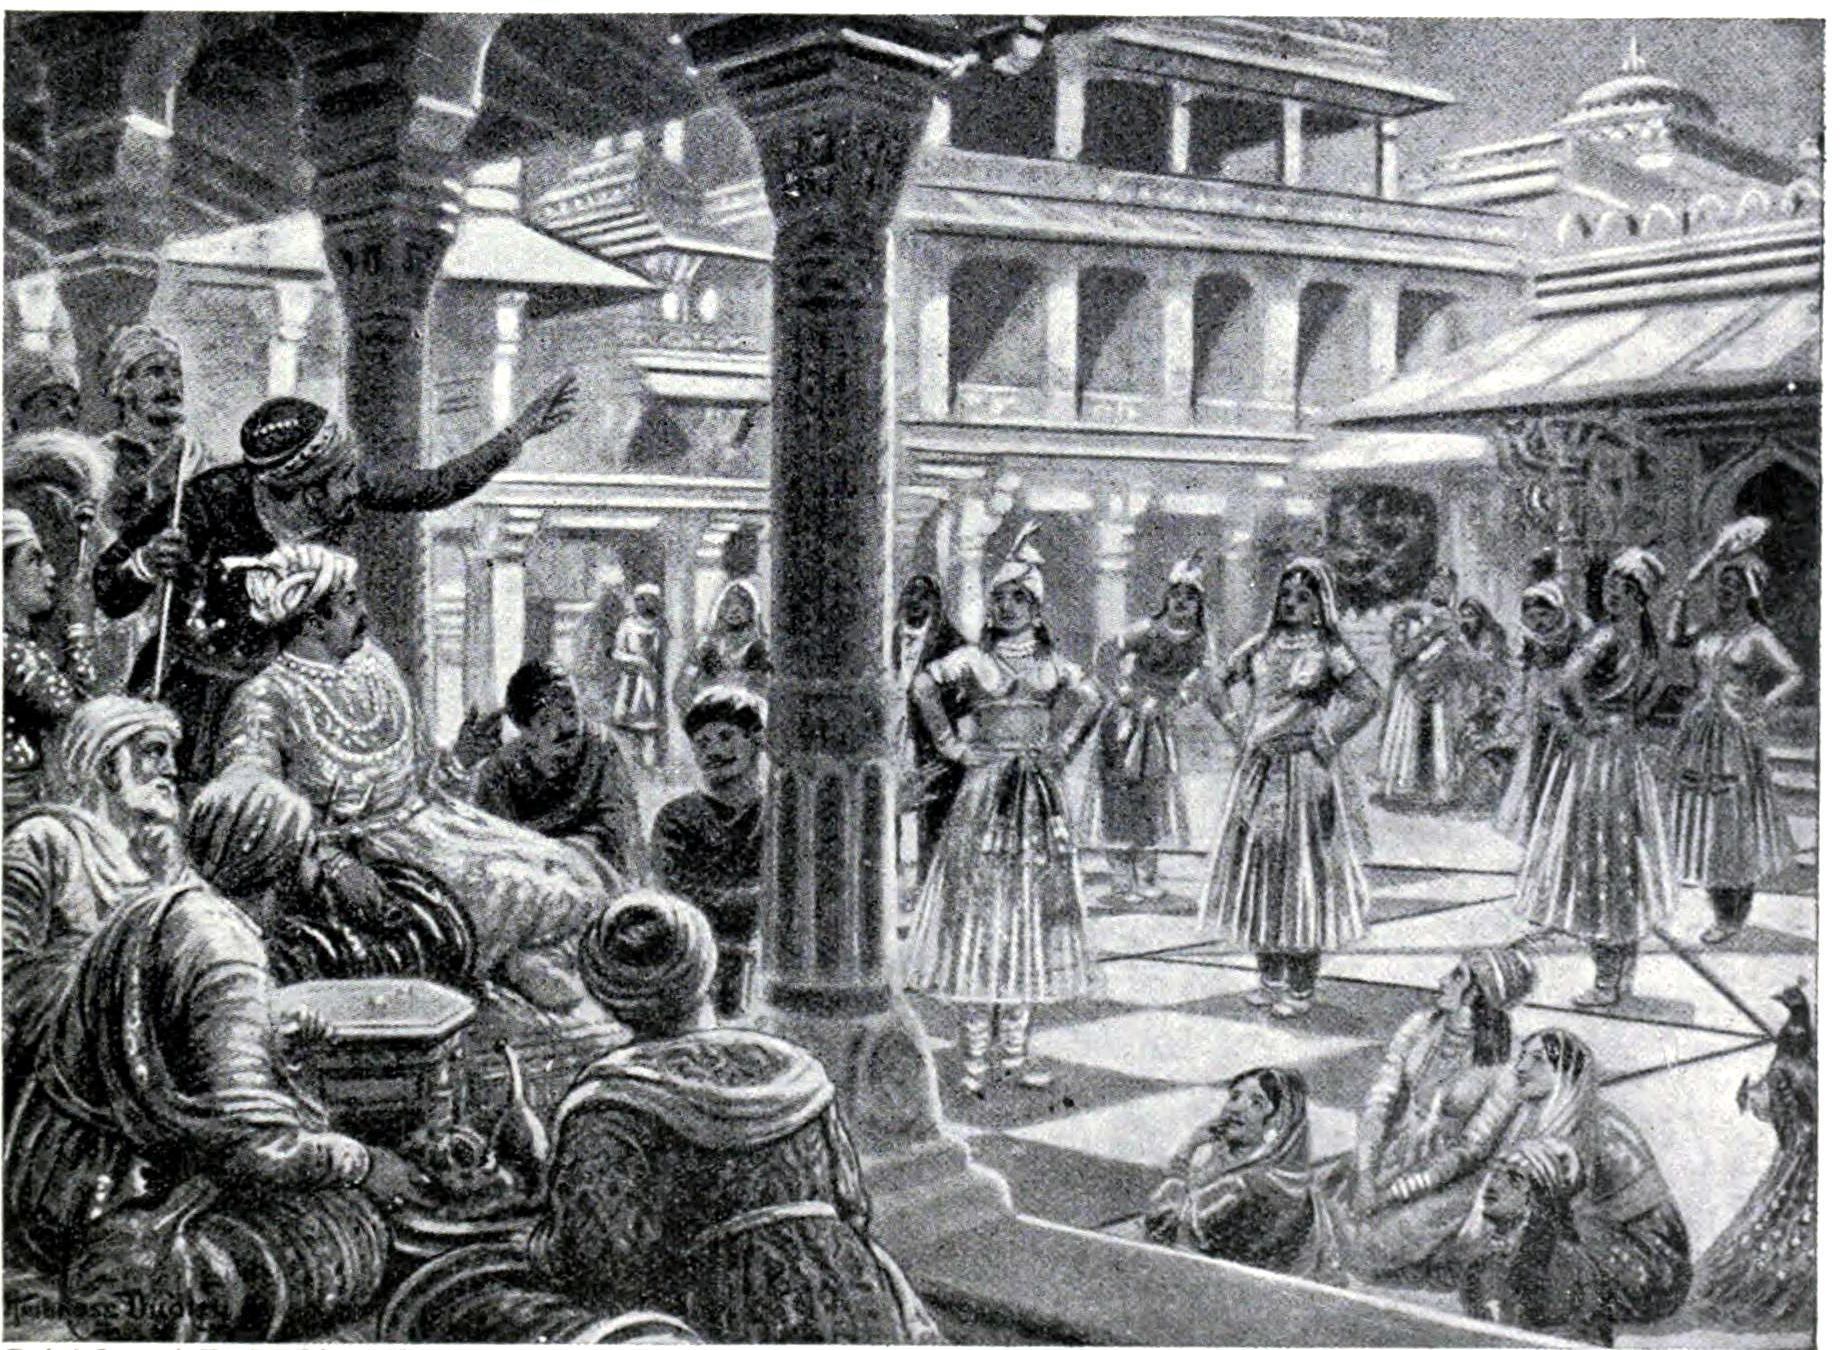 Akbar jugando con piezas vivas en Fatehpur Sikri - 1575